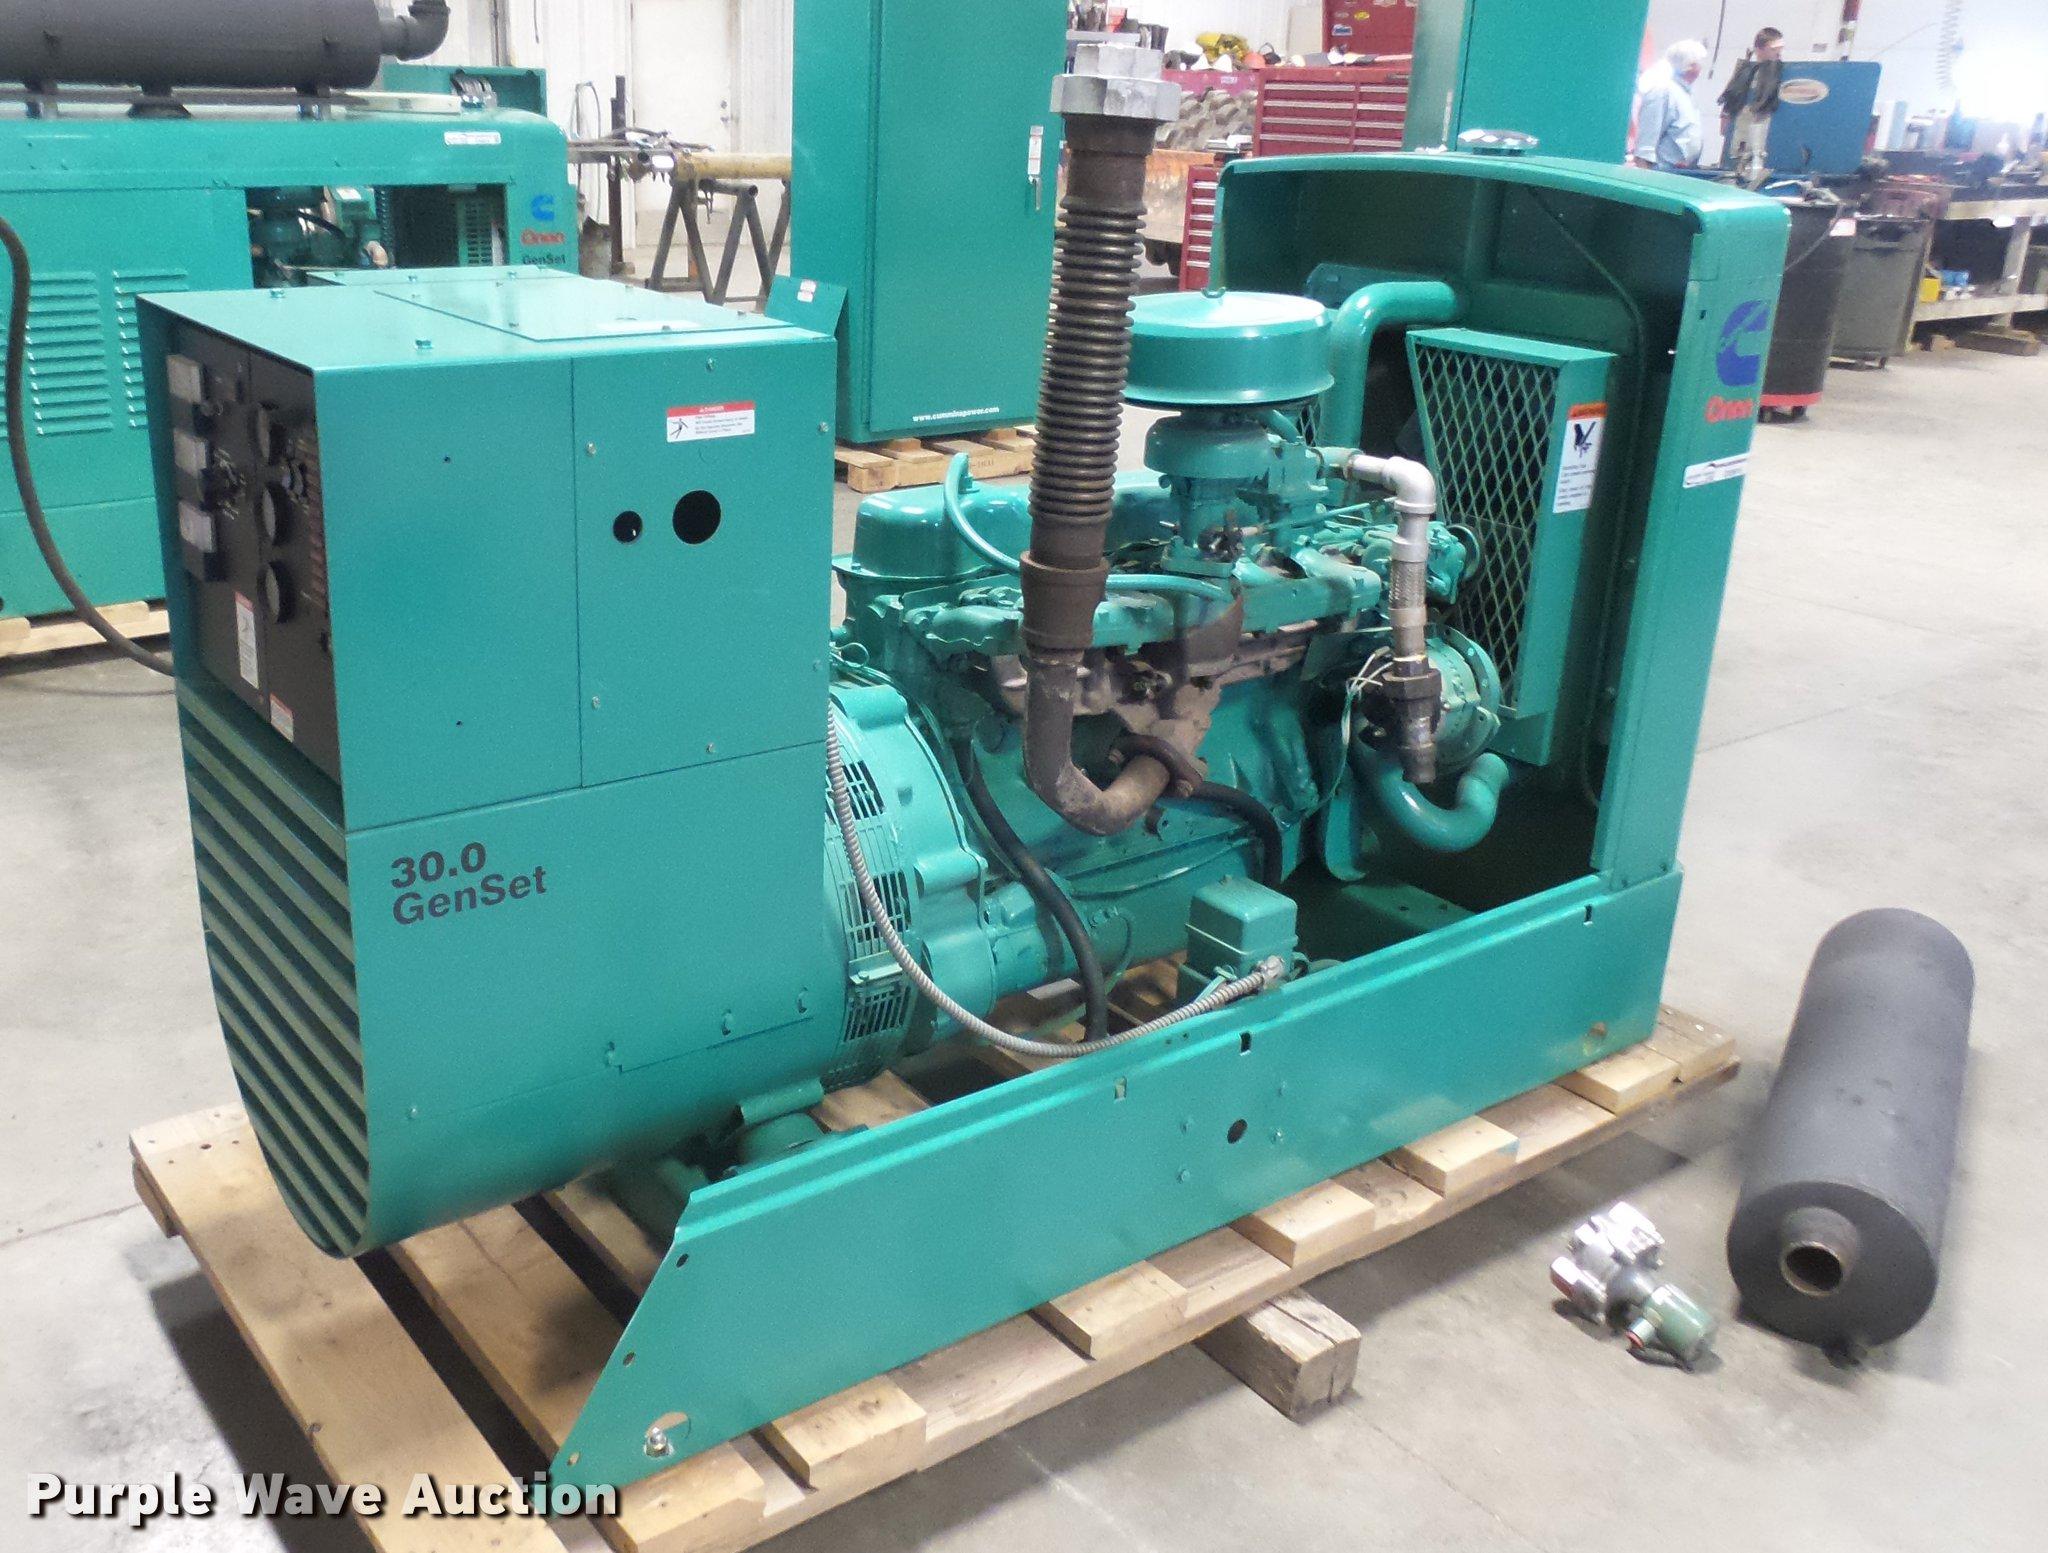 928-0220 onan ek em (asst'd specs) parts manual (09-1993.